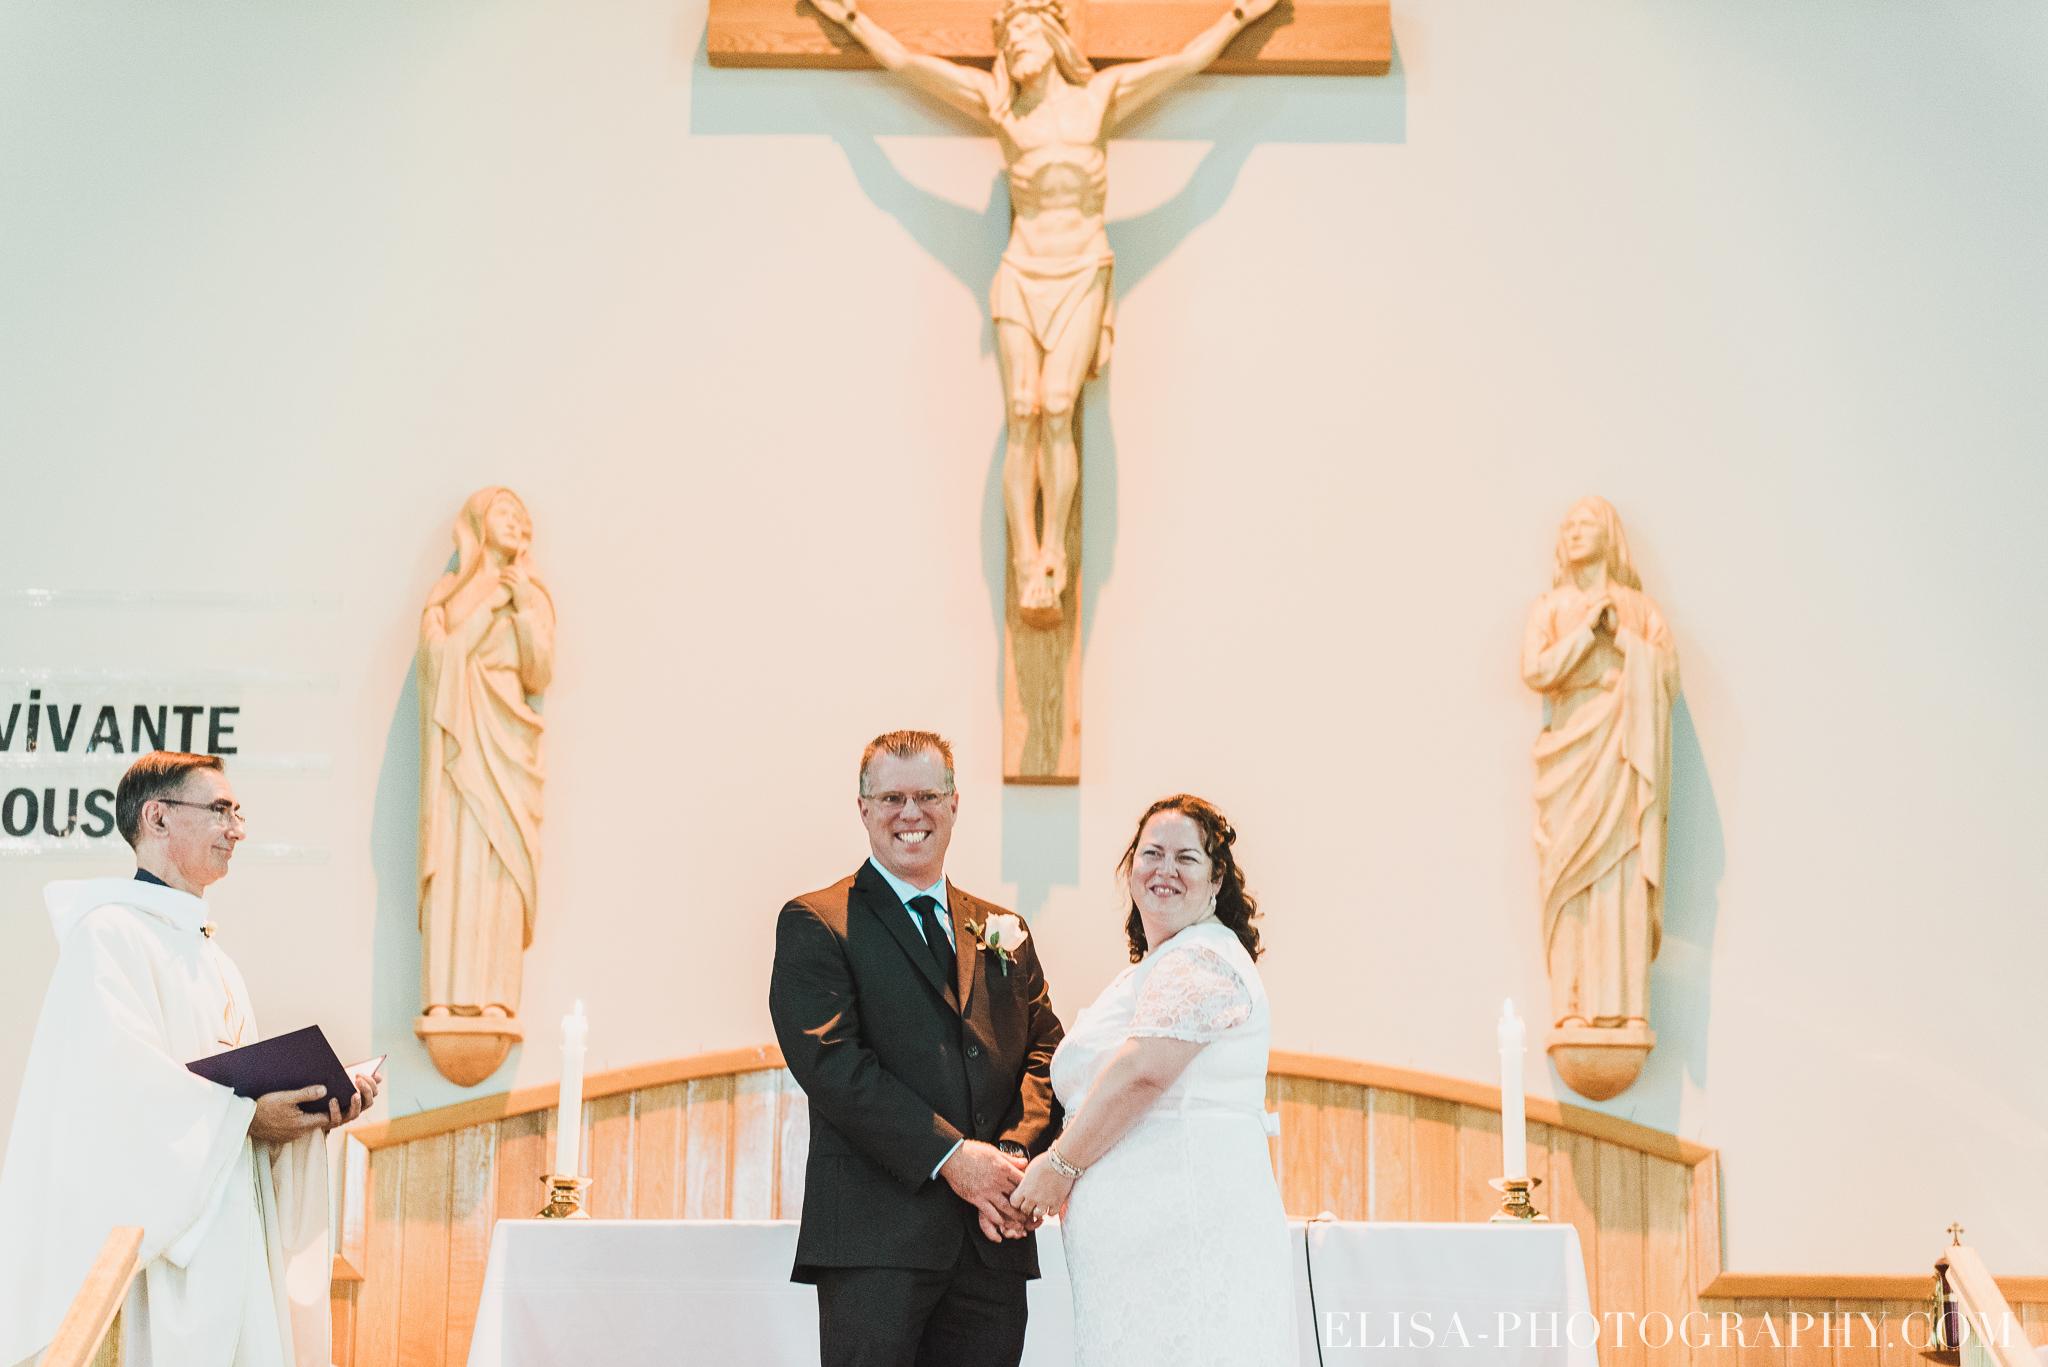 photo mariage ceremonie eglise st emile famille enfants ballons 7883 - Mariage à la plage de la baie de Beauport